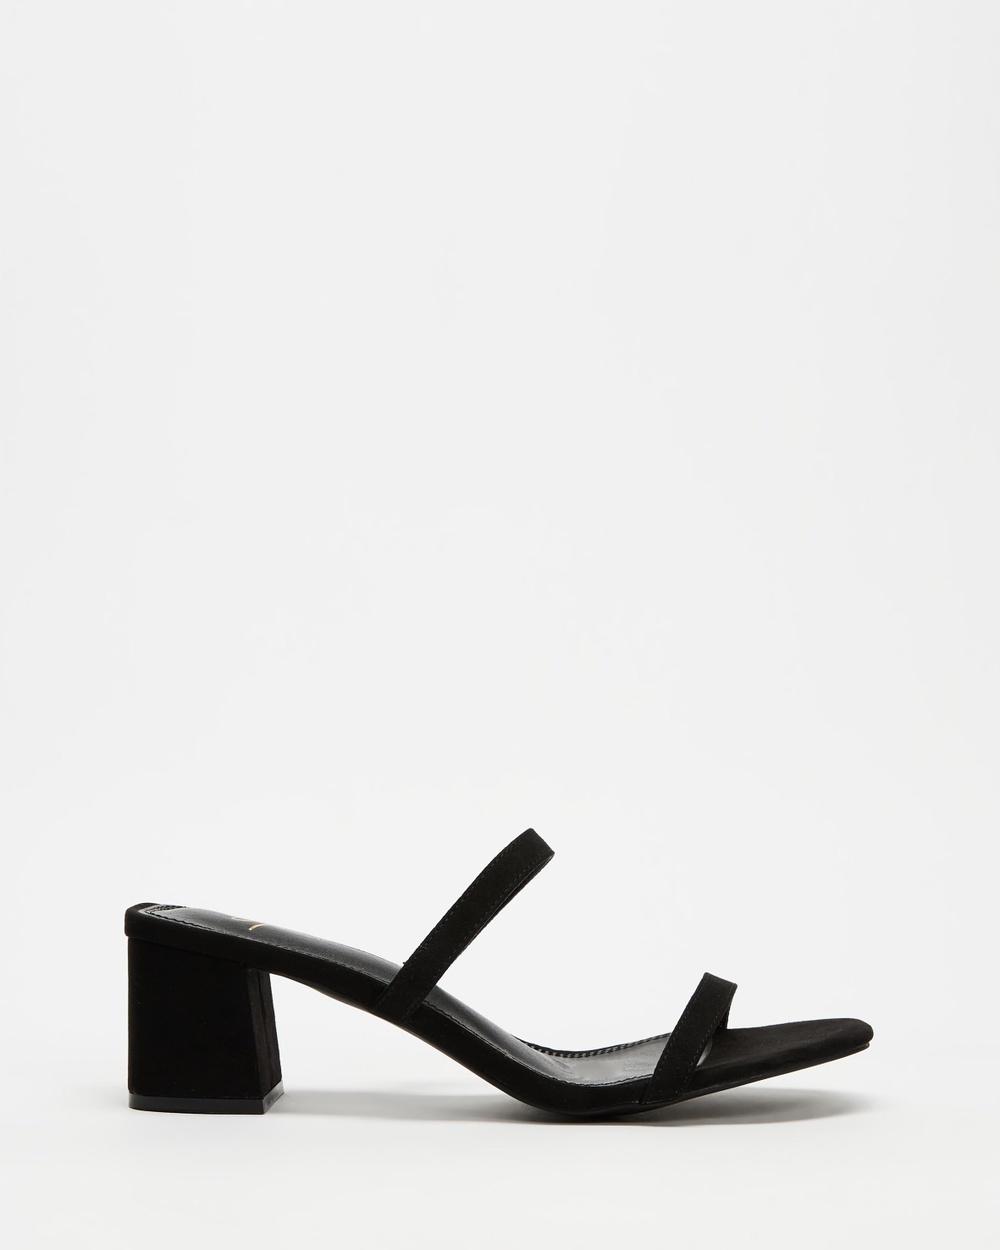 SPURR Ruth Heels Mid-low heels Black Microsuede Mid-low heels Australia